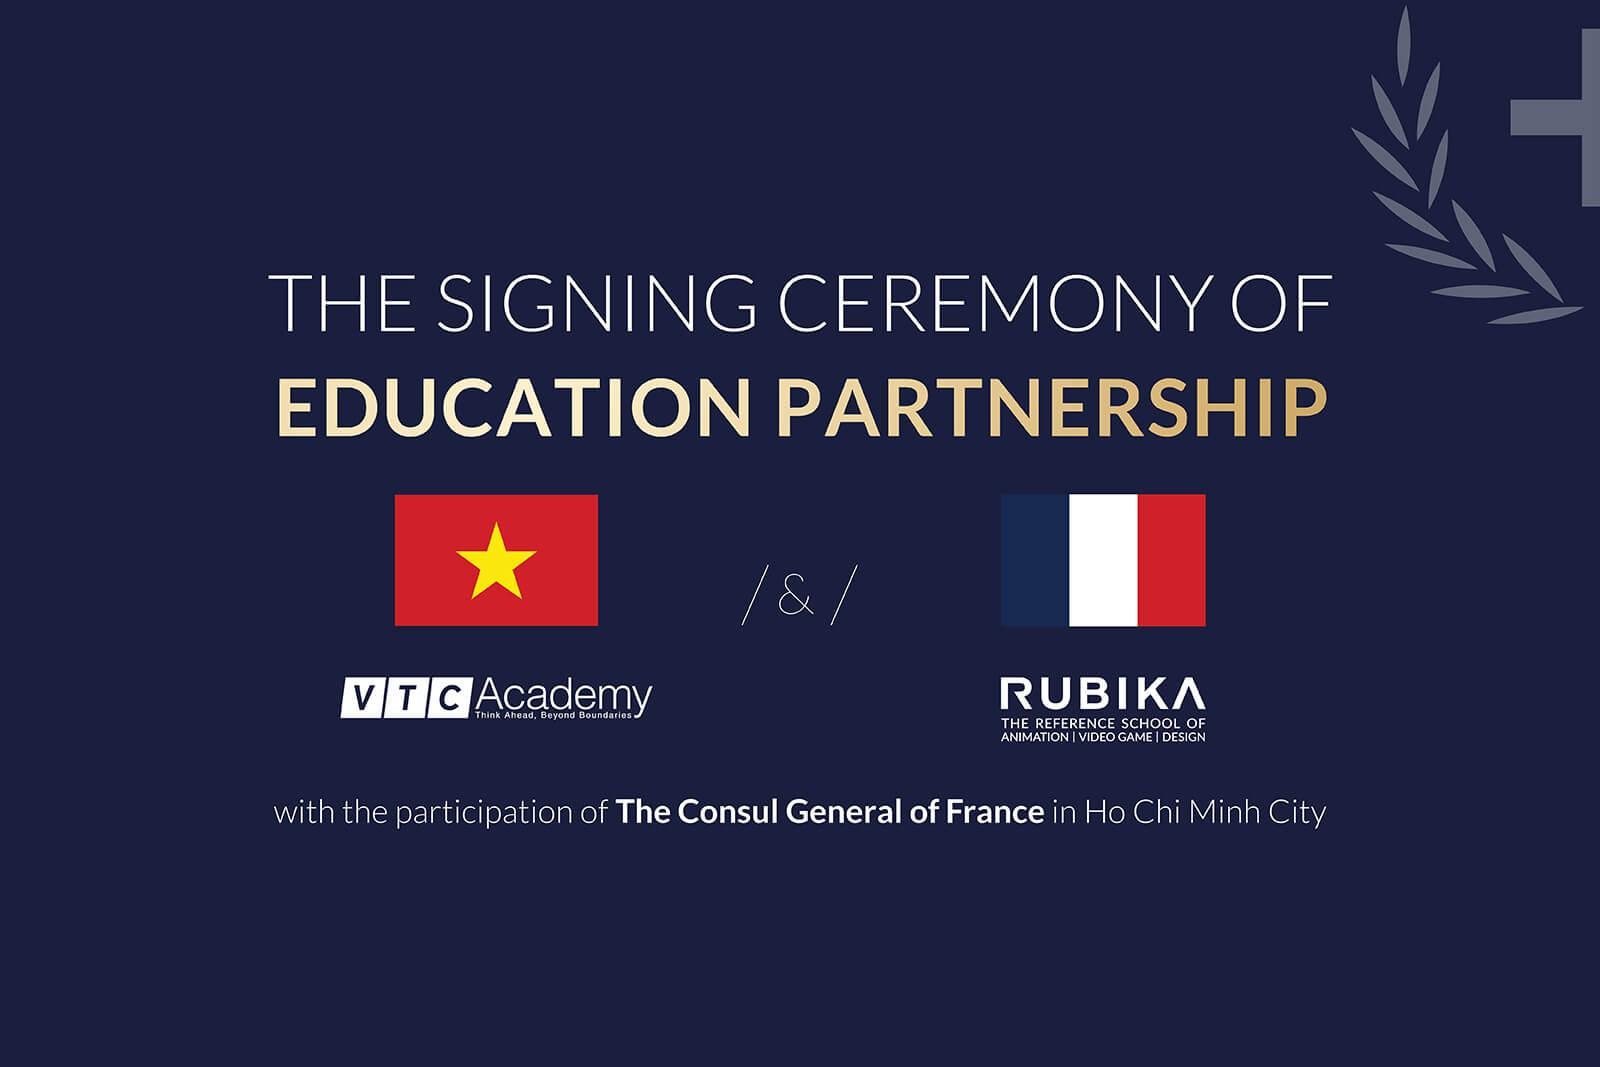 Lễ ký kết hợp tác giáo dục giữa VTC Academy và RUBIKA (Pháp)